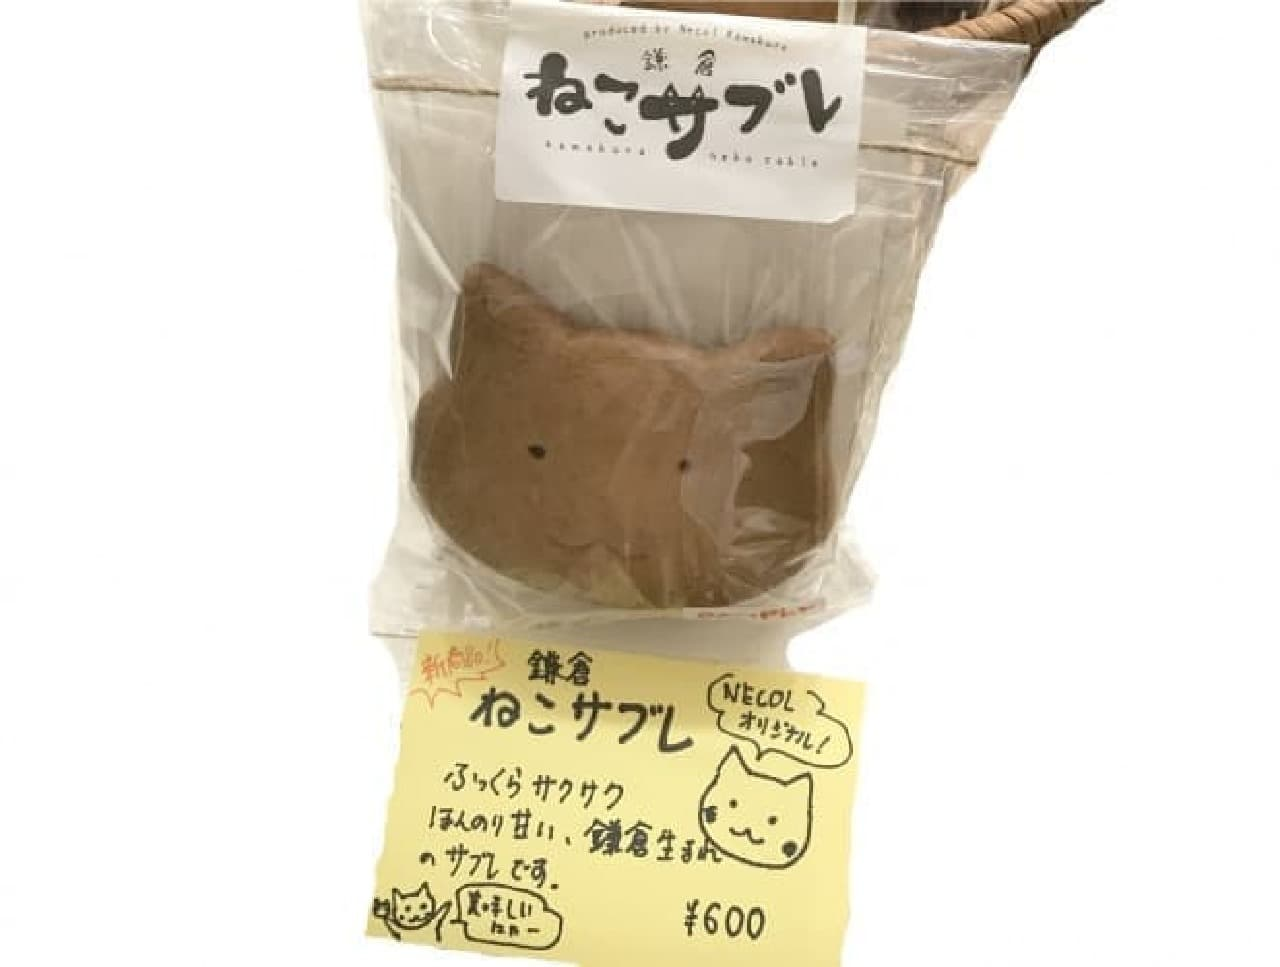 ネコの街鎌倉に、新土産「鎌倉ねこサブレ」-